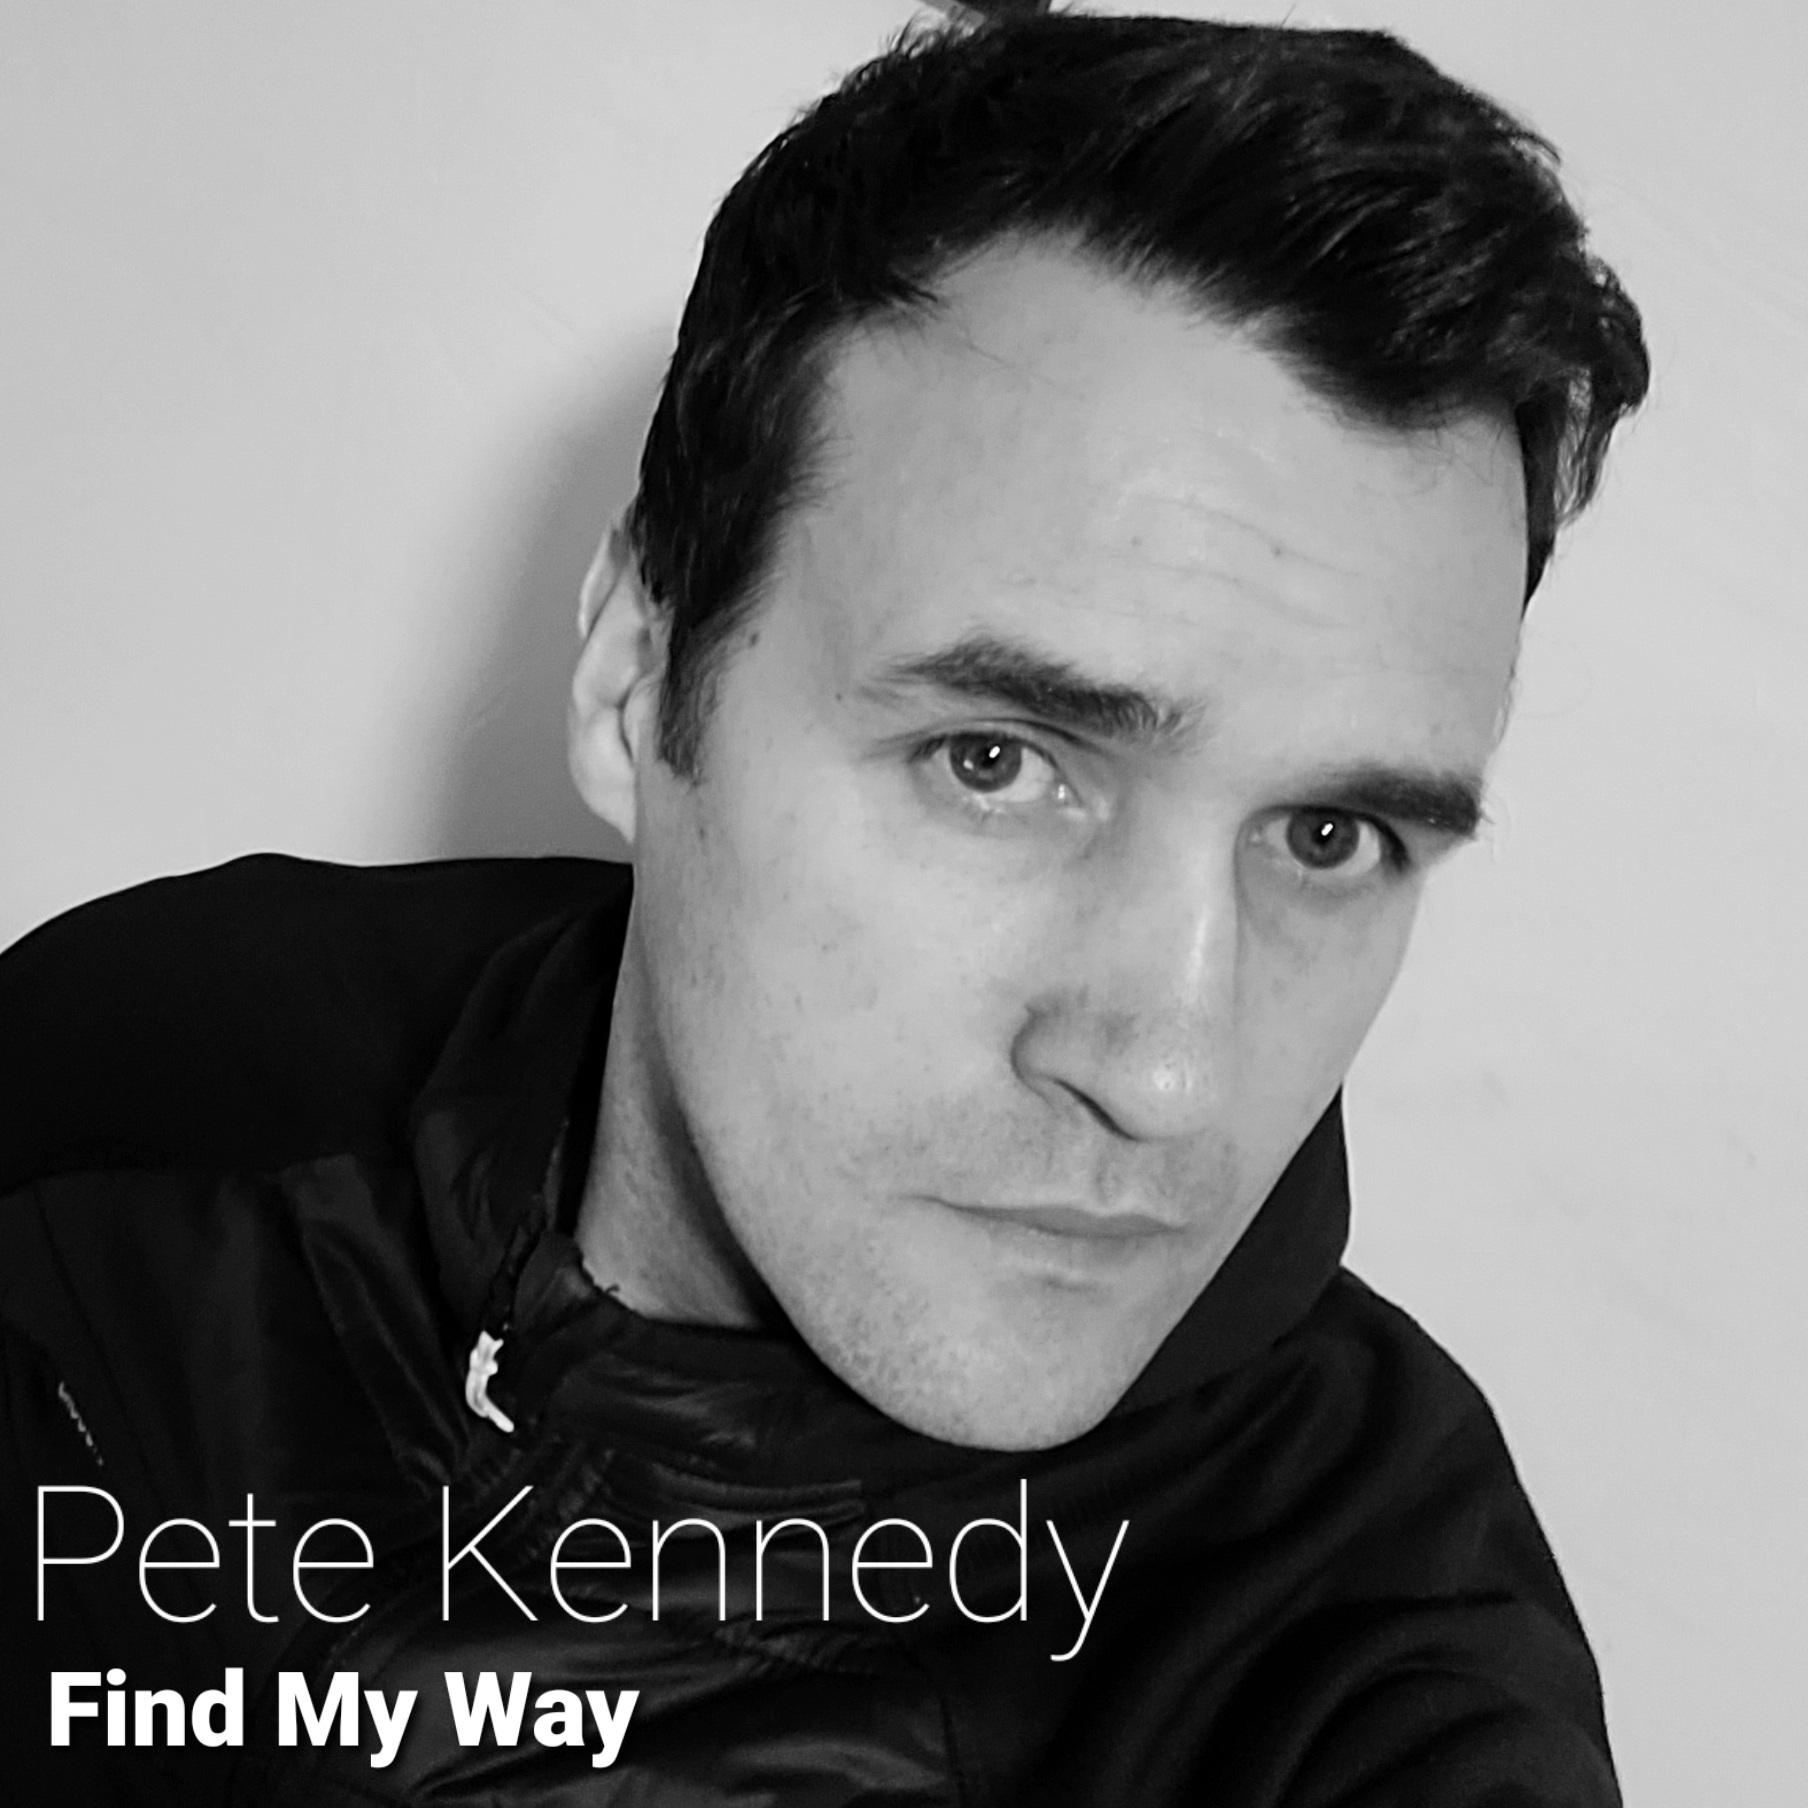 Pete Kennedy